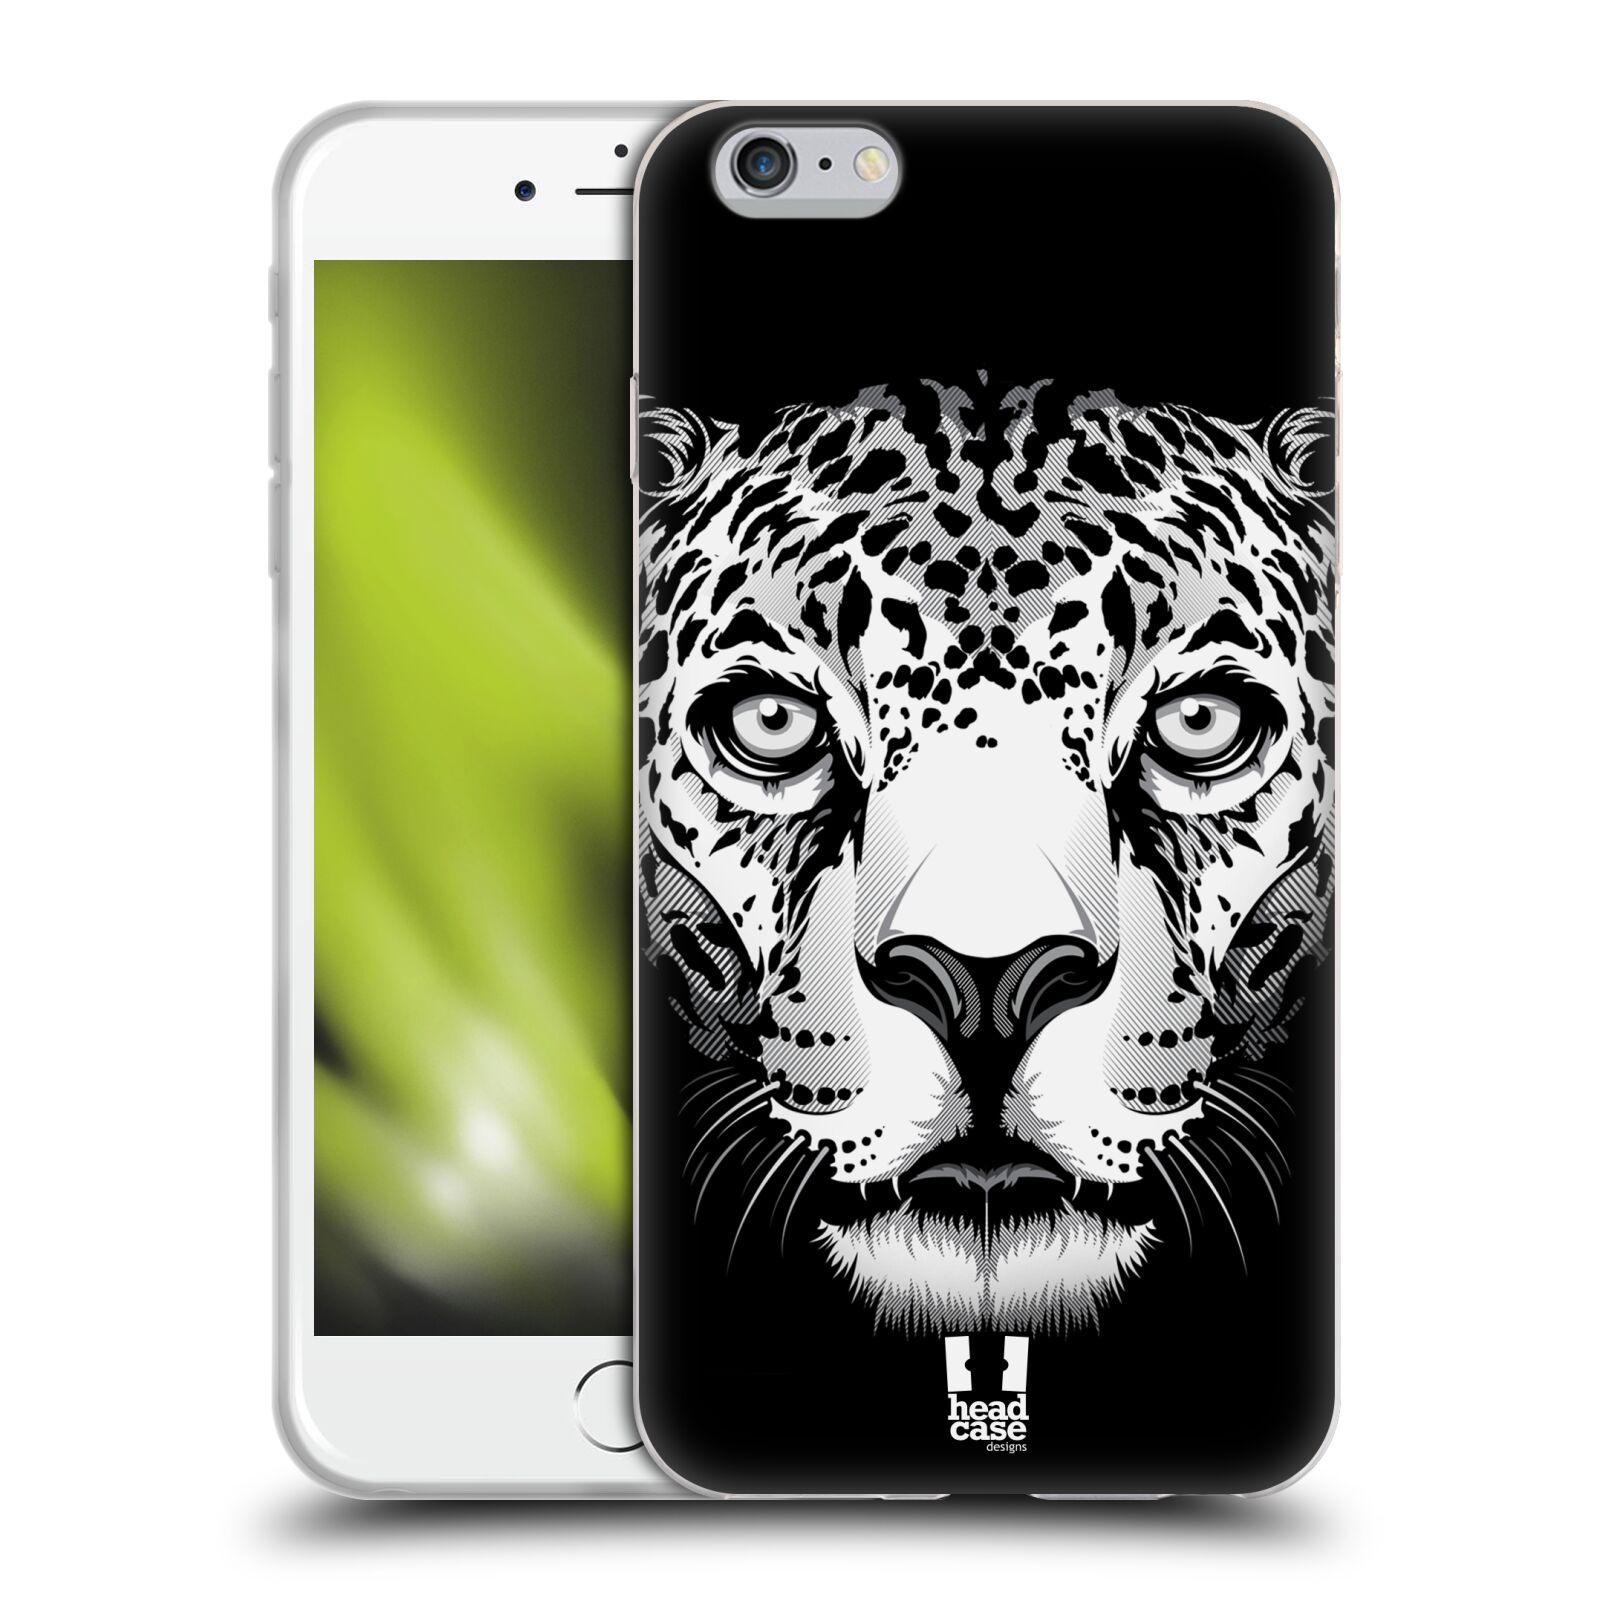 HEAD CASE silikonový obal na mobil Apple Iphone 6 PLUS/ 6S PLUS vzor Zvíře kreslená tvář leopard